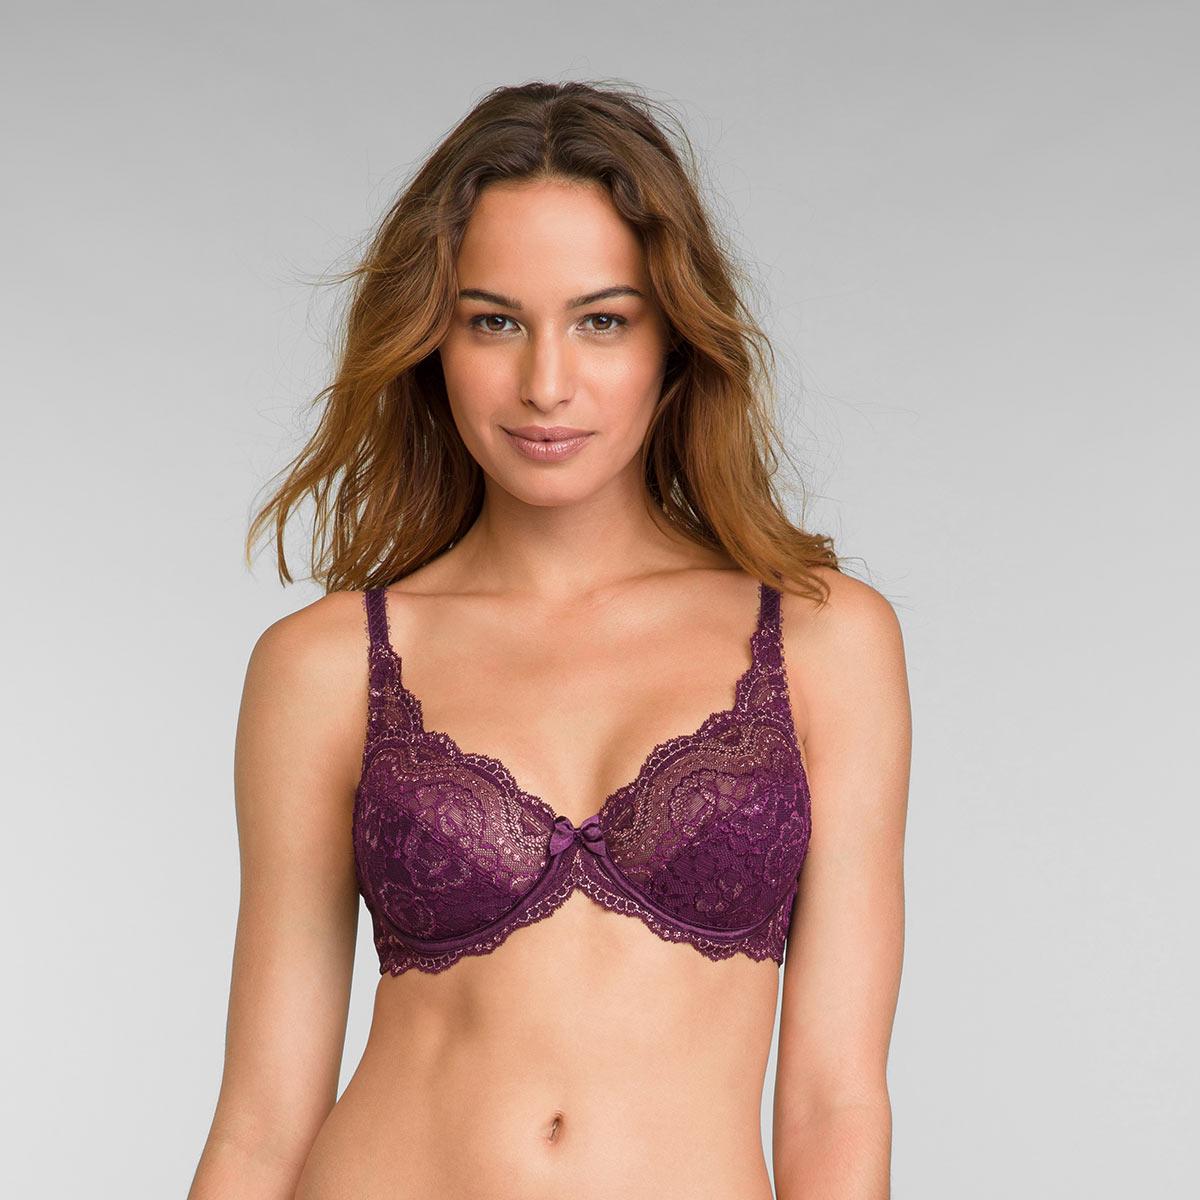 Soutien-gorge emboîtant violet et doré Flower Elegance, , PLAYTEX